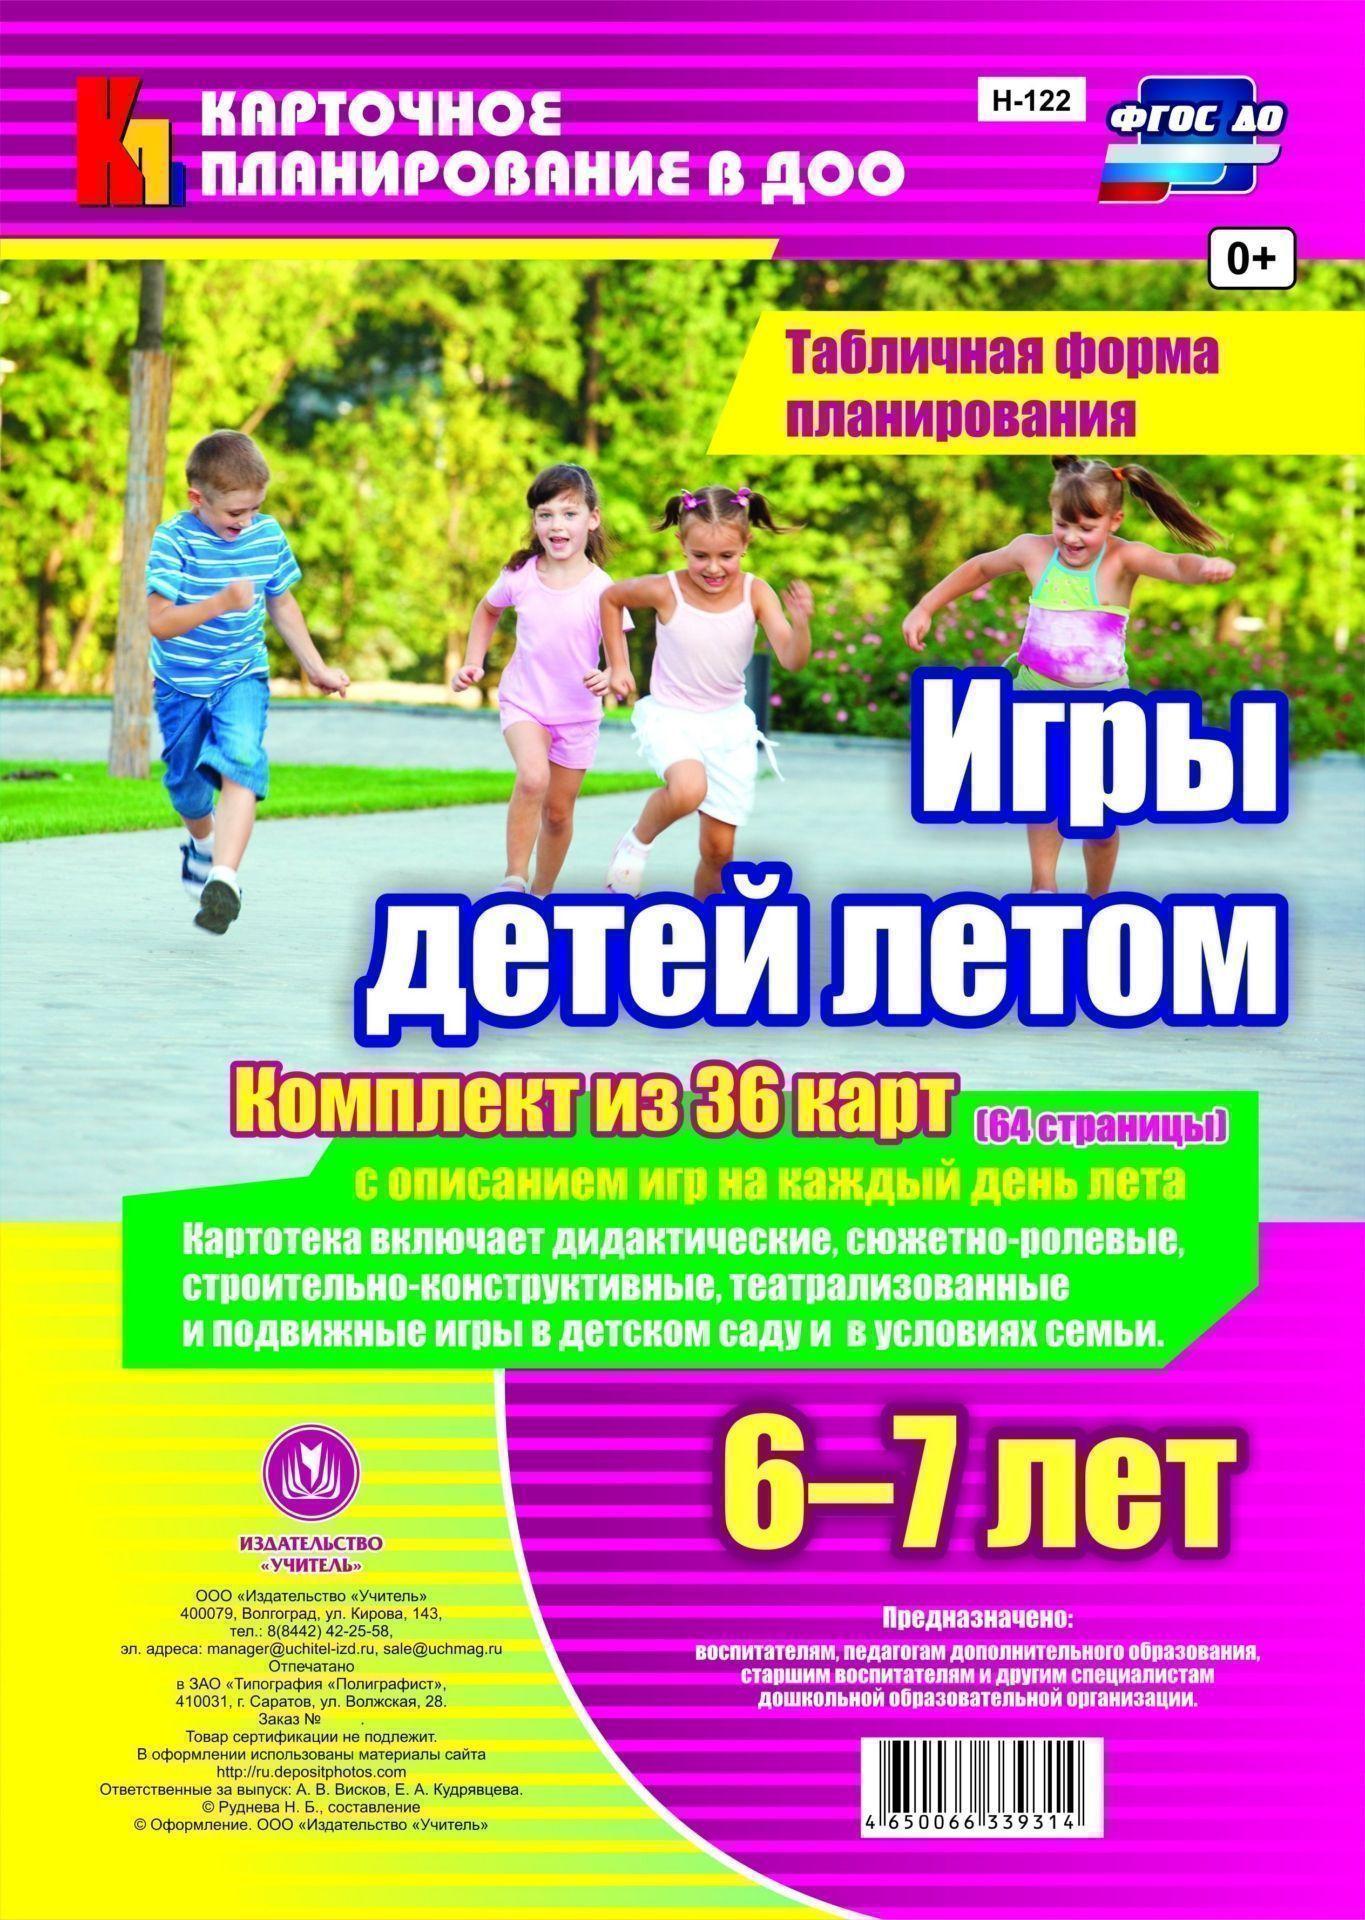 Игры Детей летом. 6-7 лет. табличная Форма планирования